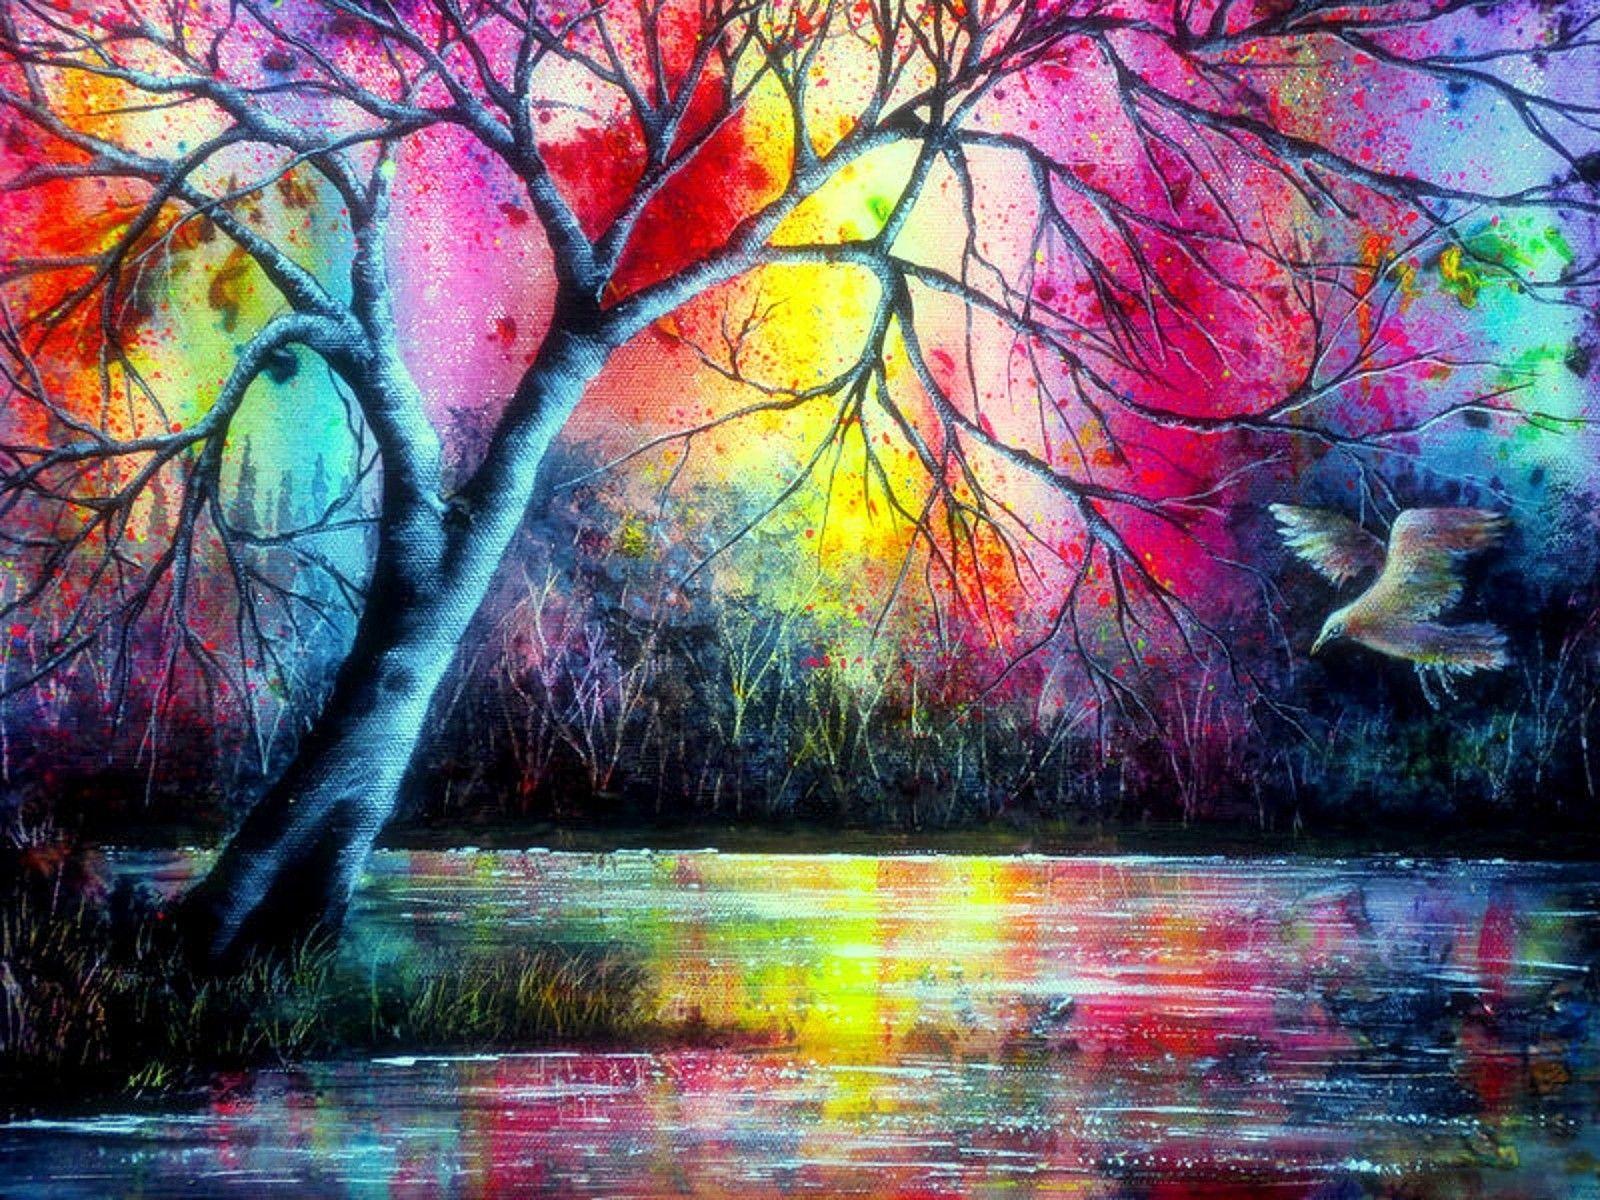 colorful wallpaper 4k